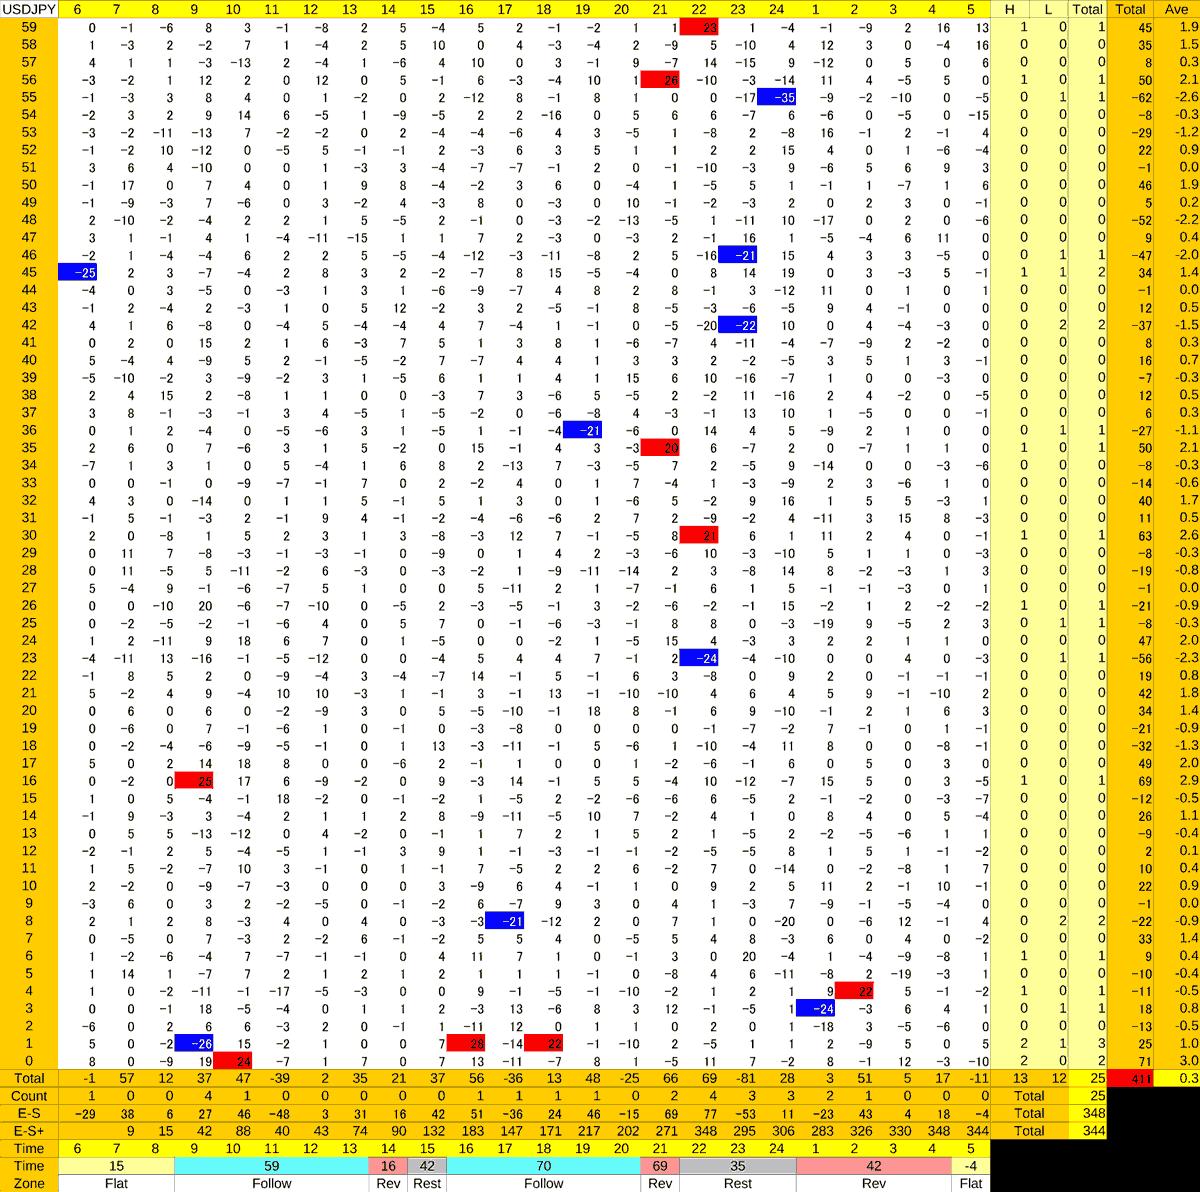 20210122_HS(1)USDJPY